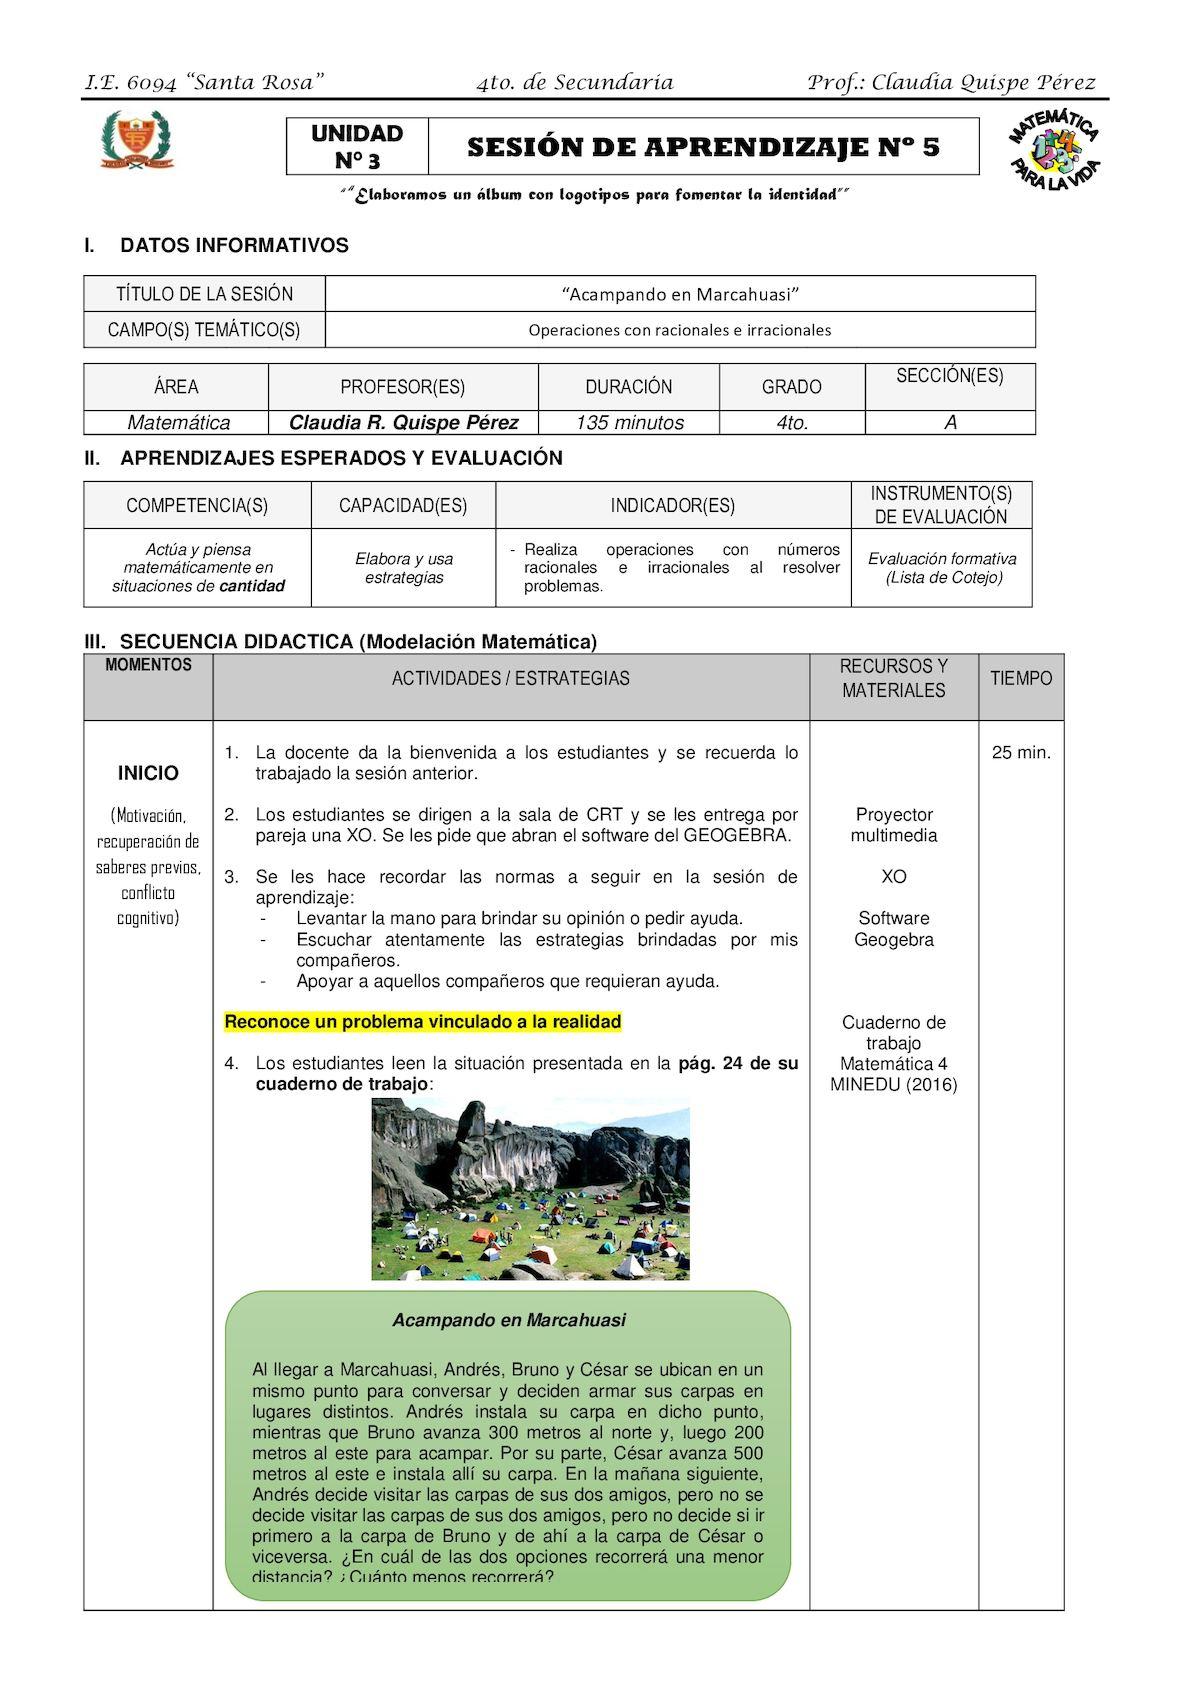 Archivo 2_Modelo de SA_4to_Modelación Matemática